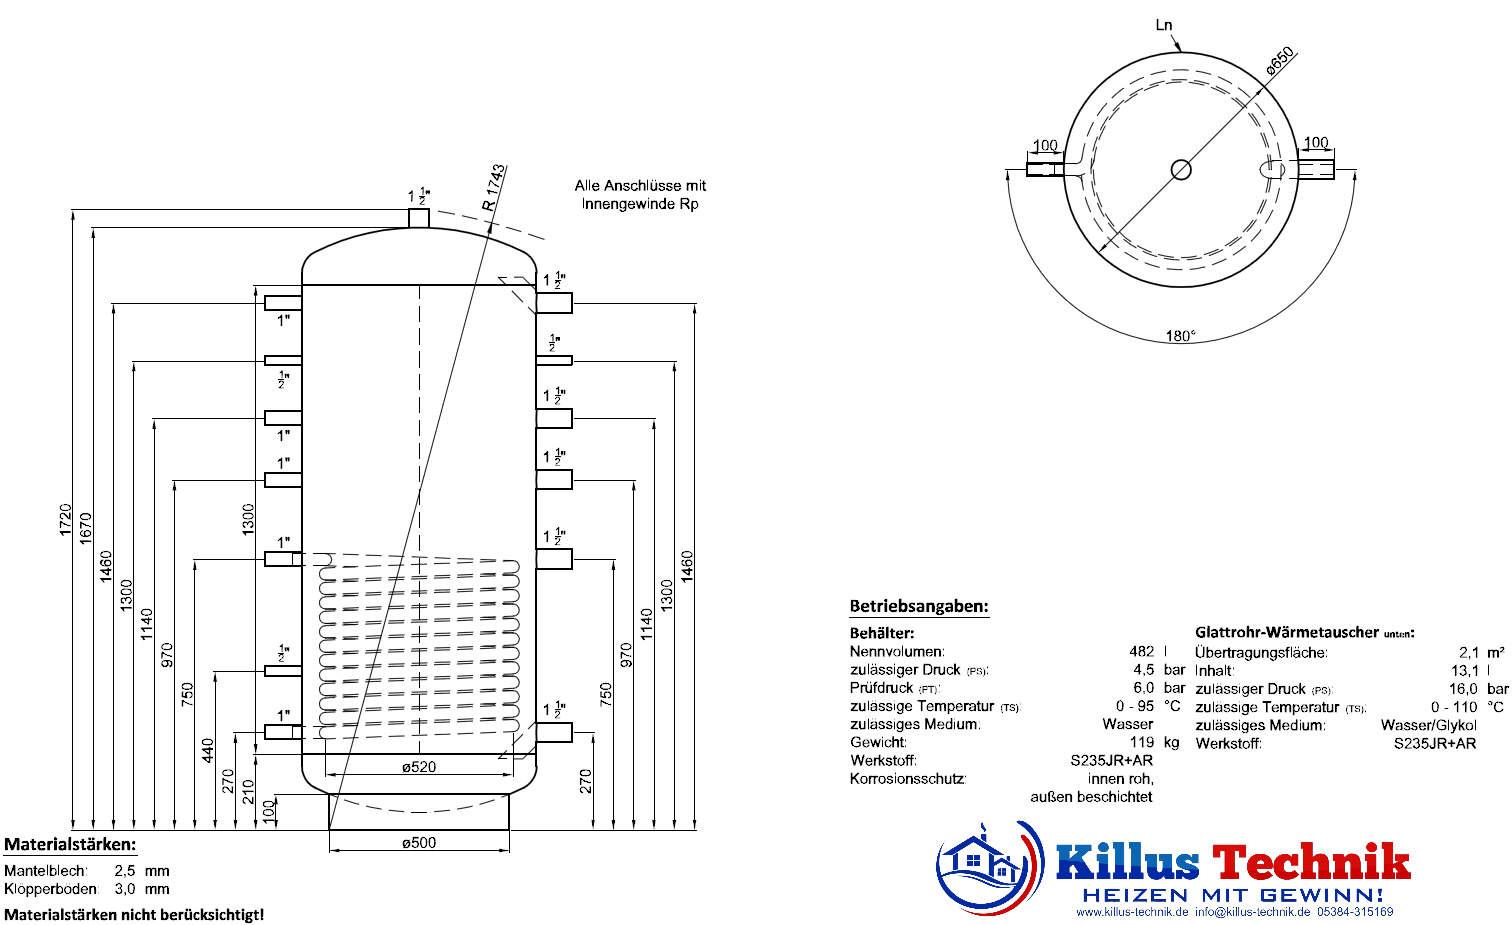 Pufferspeicher TWL 1 Wärmetauscher Muffenanodrnung von 100 Grad Draufsicht Killus-Technik.de